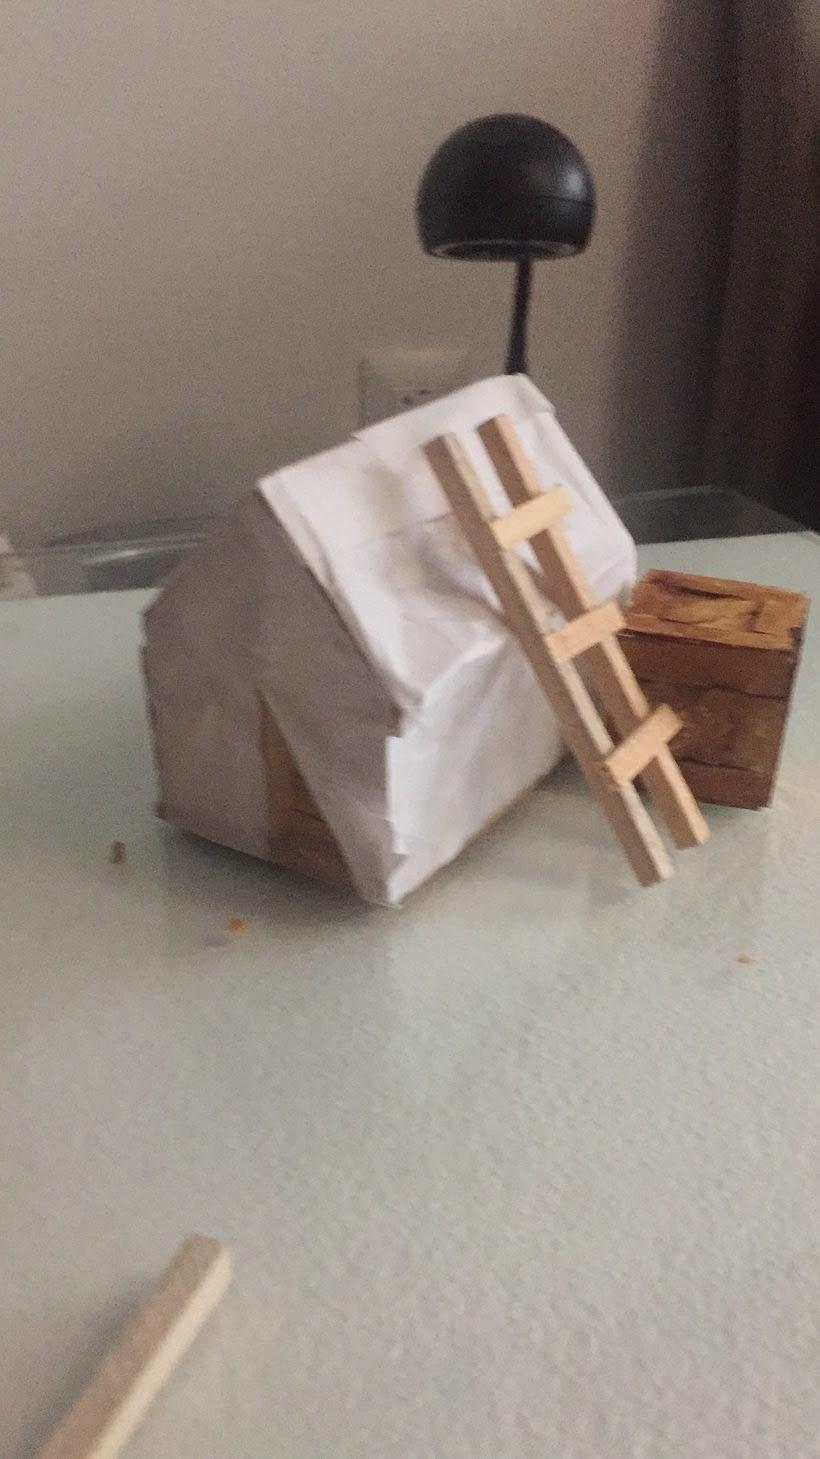 Mi Proyecto del curso: Fotografía creativa en estudio con modelos a escala 8